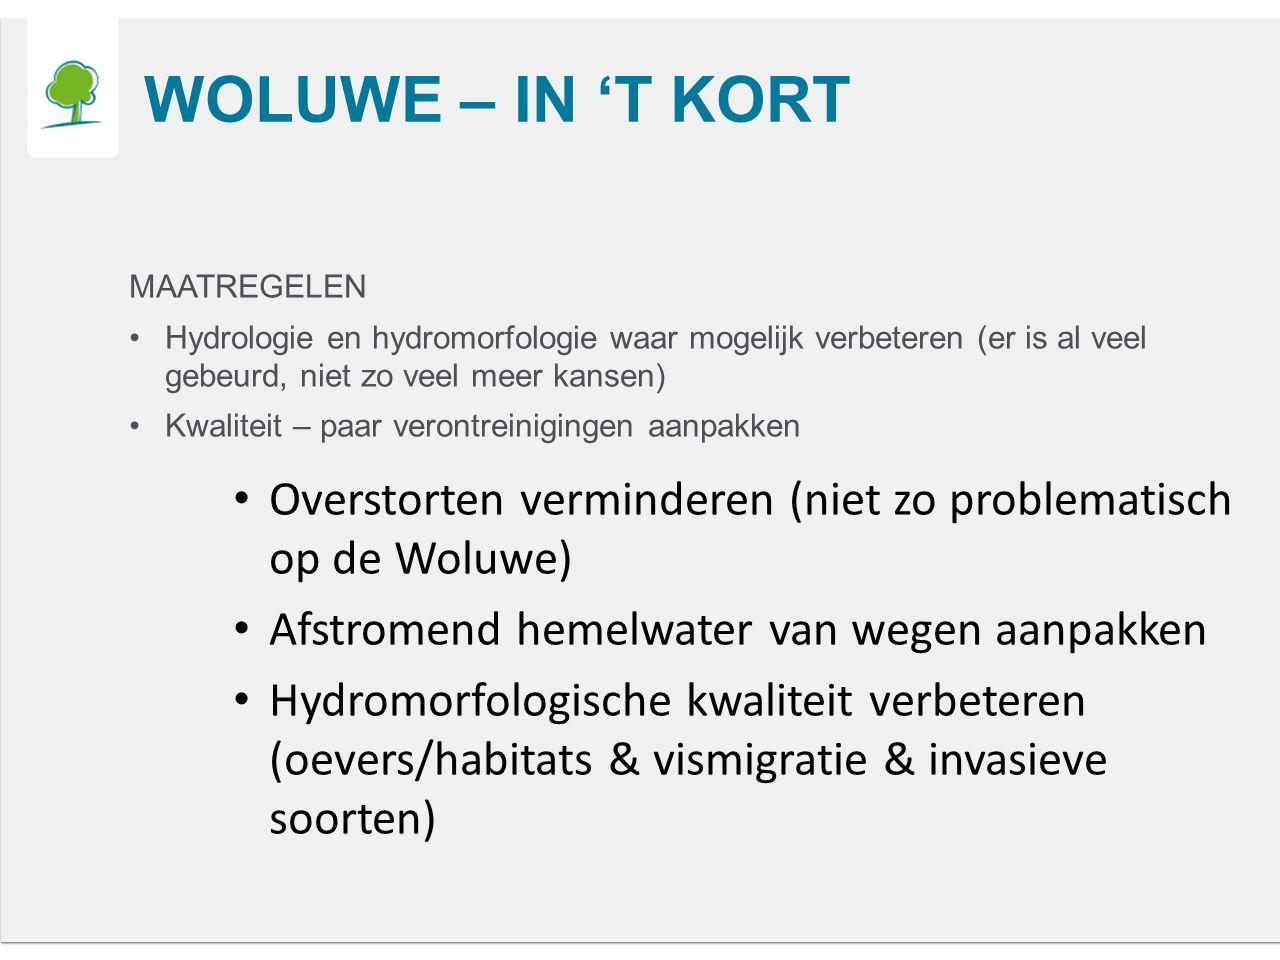 WOLUWE – IN 'T KORT MAATREGELEN Hydrologie en hydromorfologie waar mogelijk verbeteren (er is al veel gebeurd, niet zo veel meer kansen) Kwaliteit – paar verontreinigingen aanpakken Overstorten verminderen (niet zo problematisch op de Woluwe) Afstromend hemelwater van wegen aanpakken Hydromorfologische kwaliteit verbeteren (oevers/habitats & vismigratie & invasieve soorten)